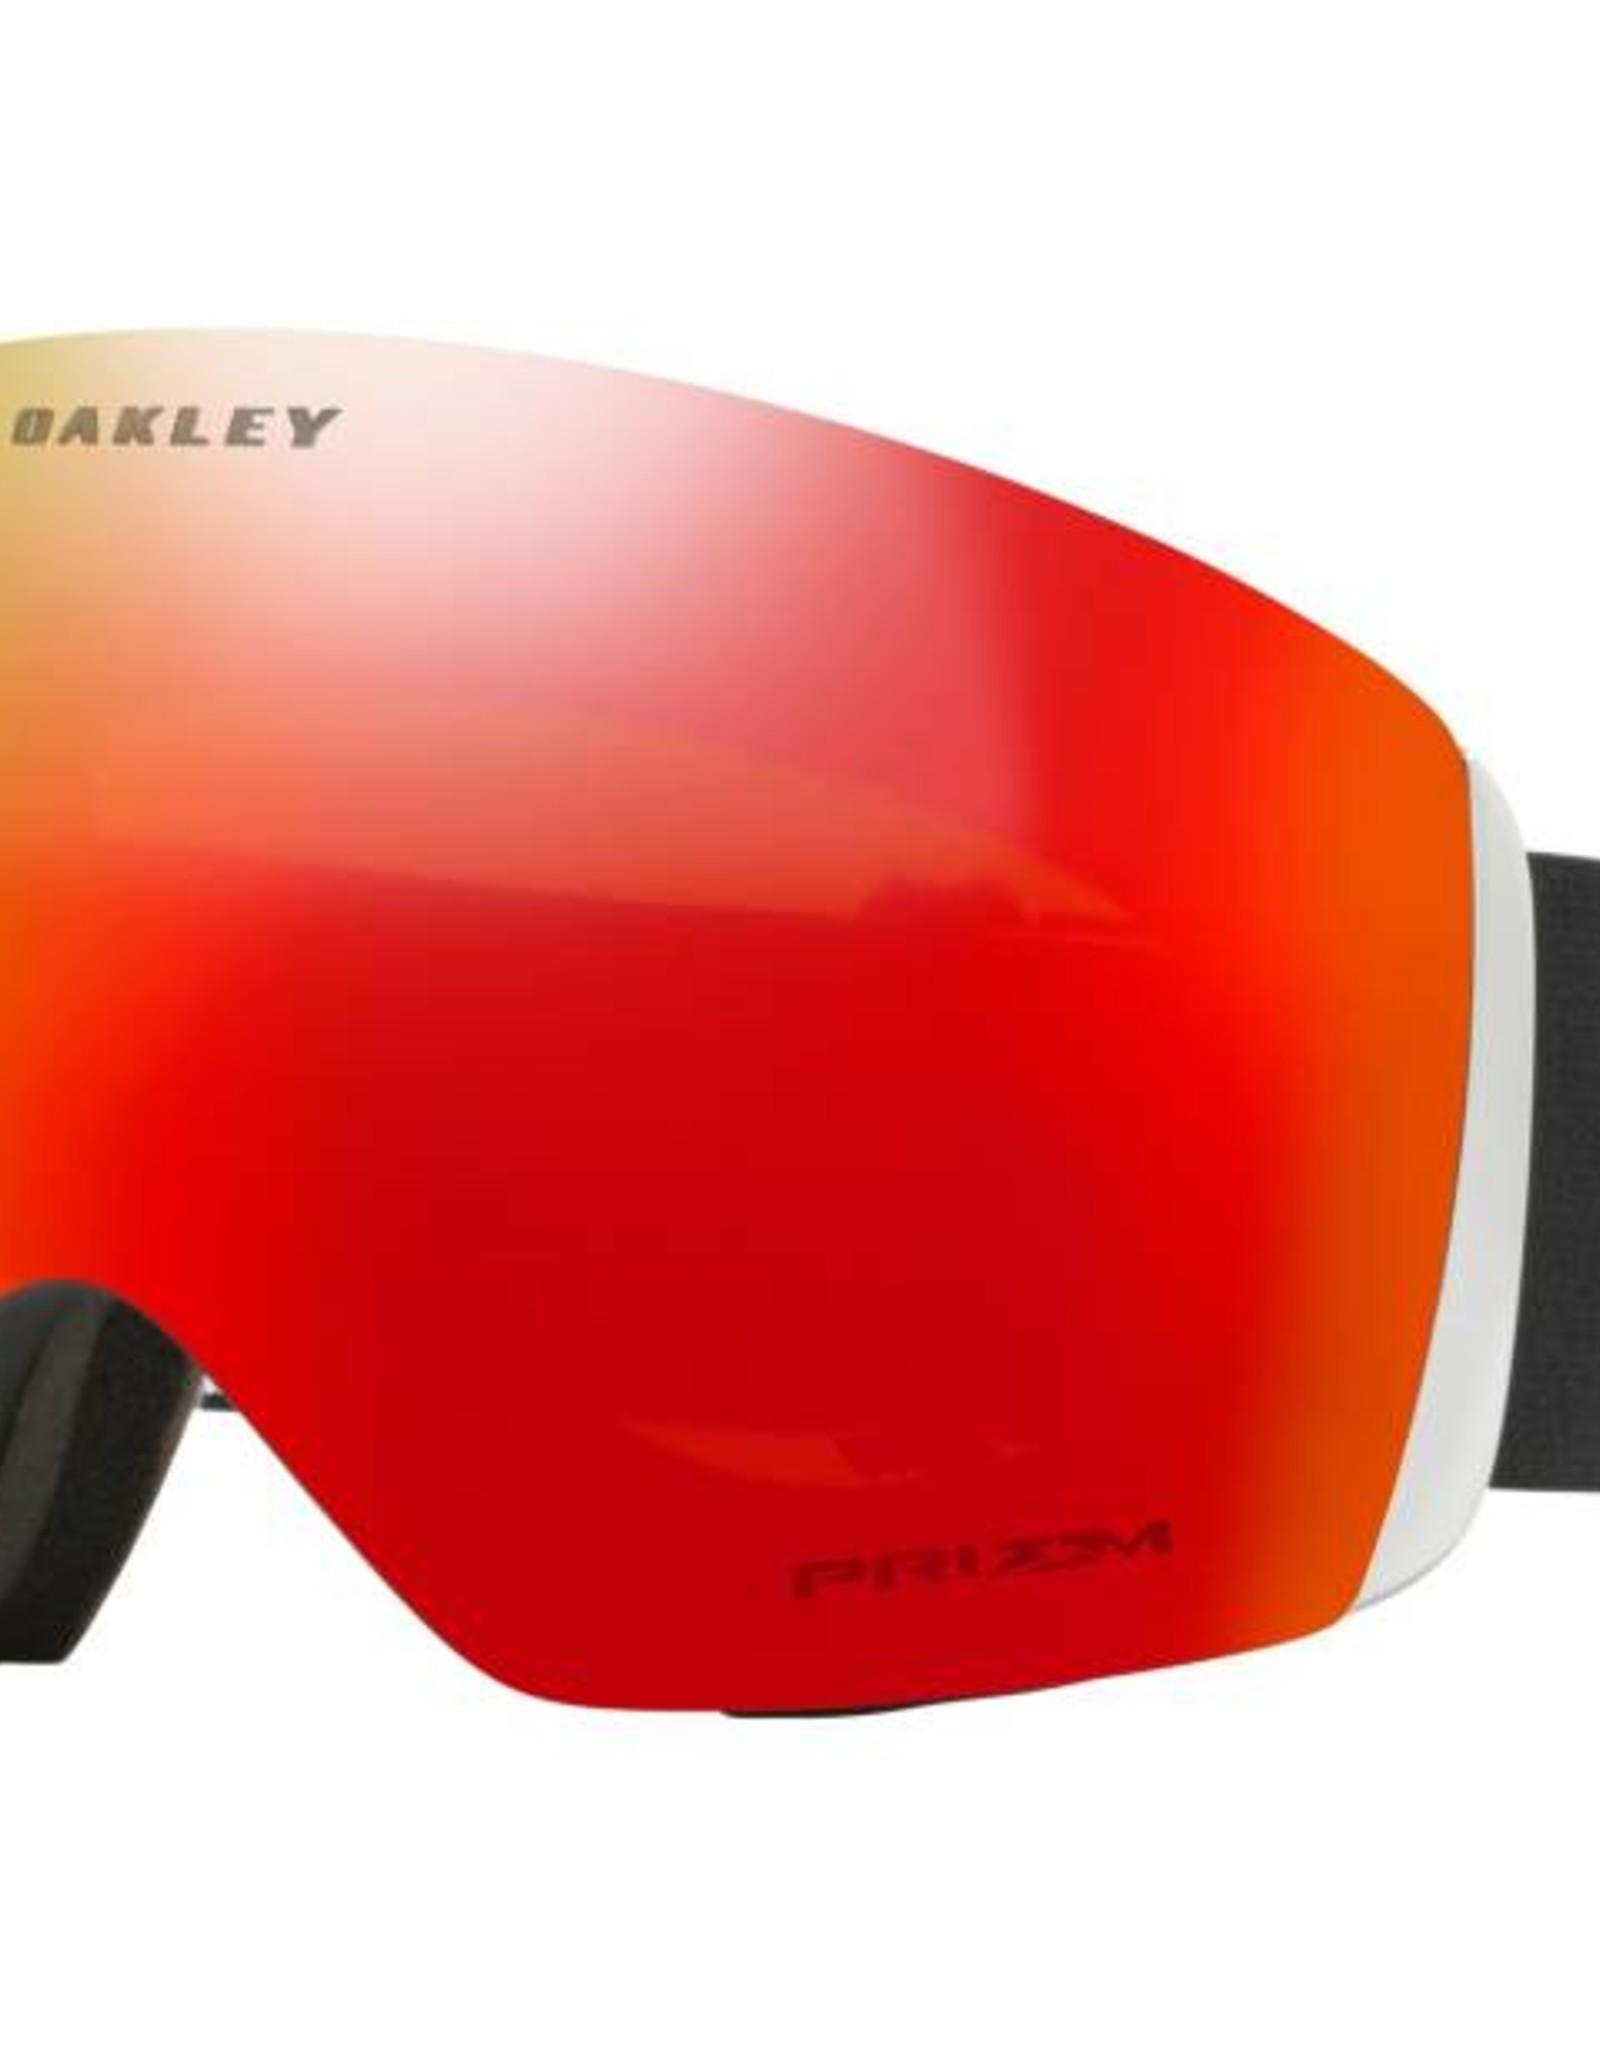 Oakley Oakley - FLIGHT DECK - Matte Black w/ PRIZM Torch